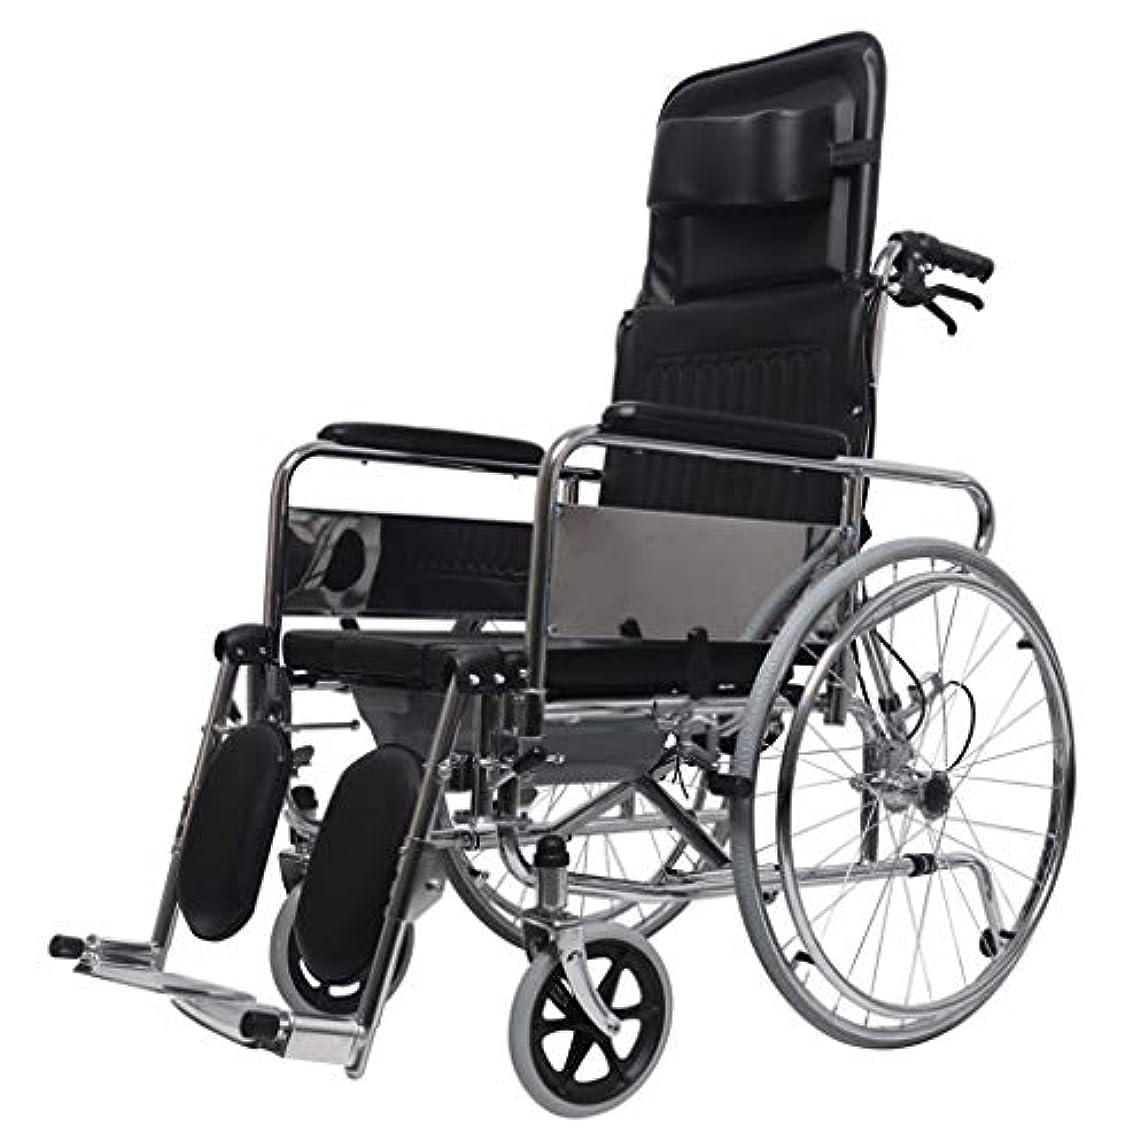 精巧なマイクロプロセッサビスケット車椅子トロリー、ブレーキ付き多機能折りたたみ、高齢者向け車椅子、屋外旅行、優れたヘルパー